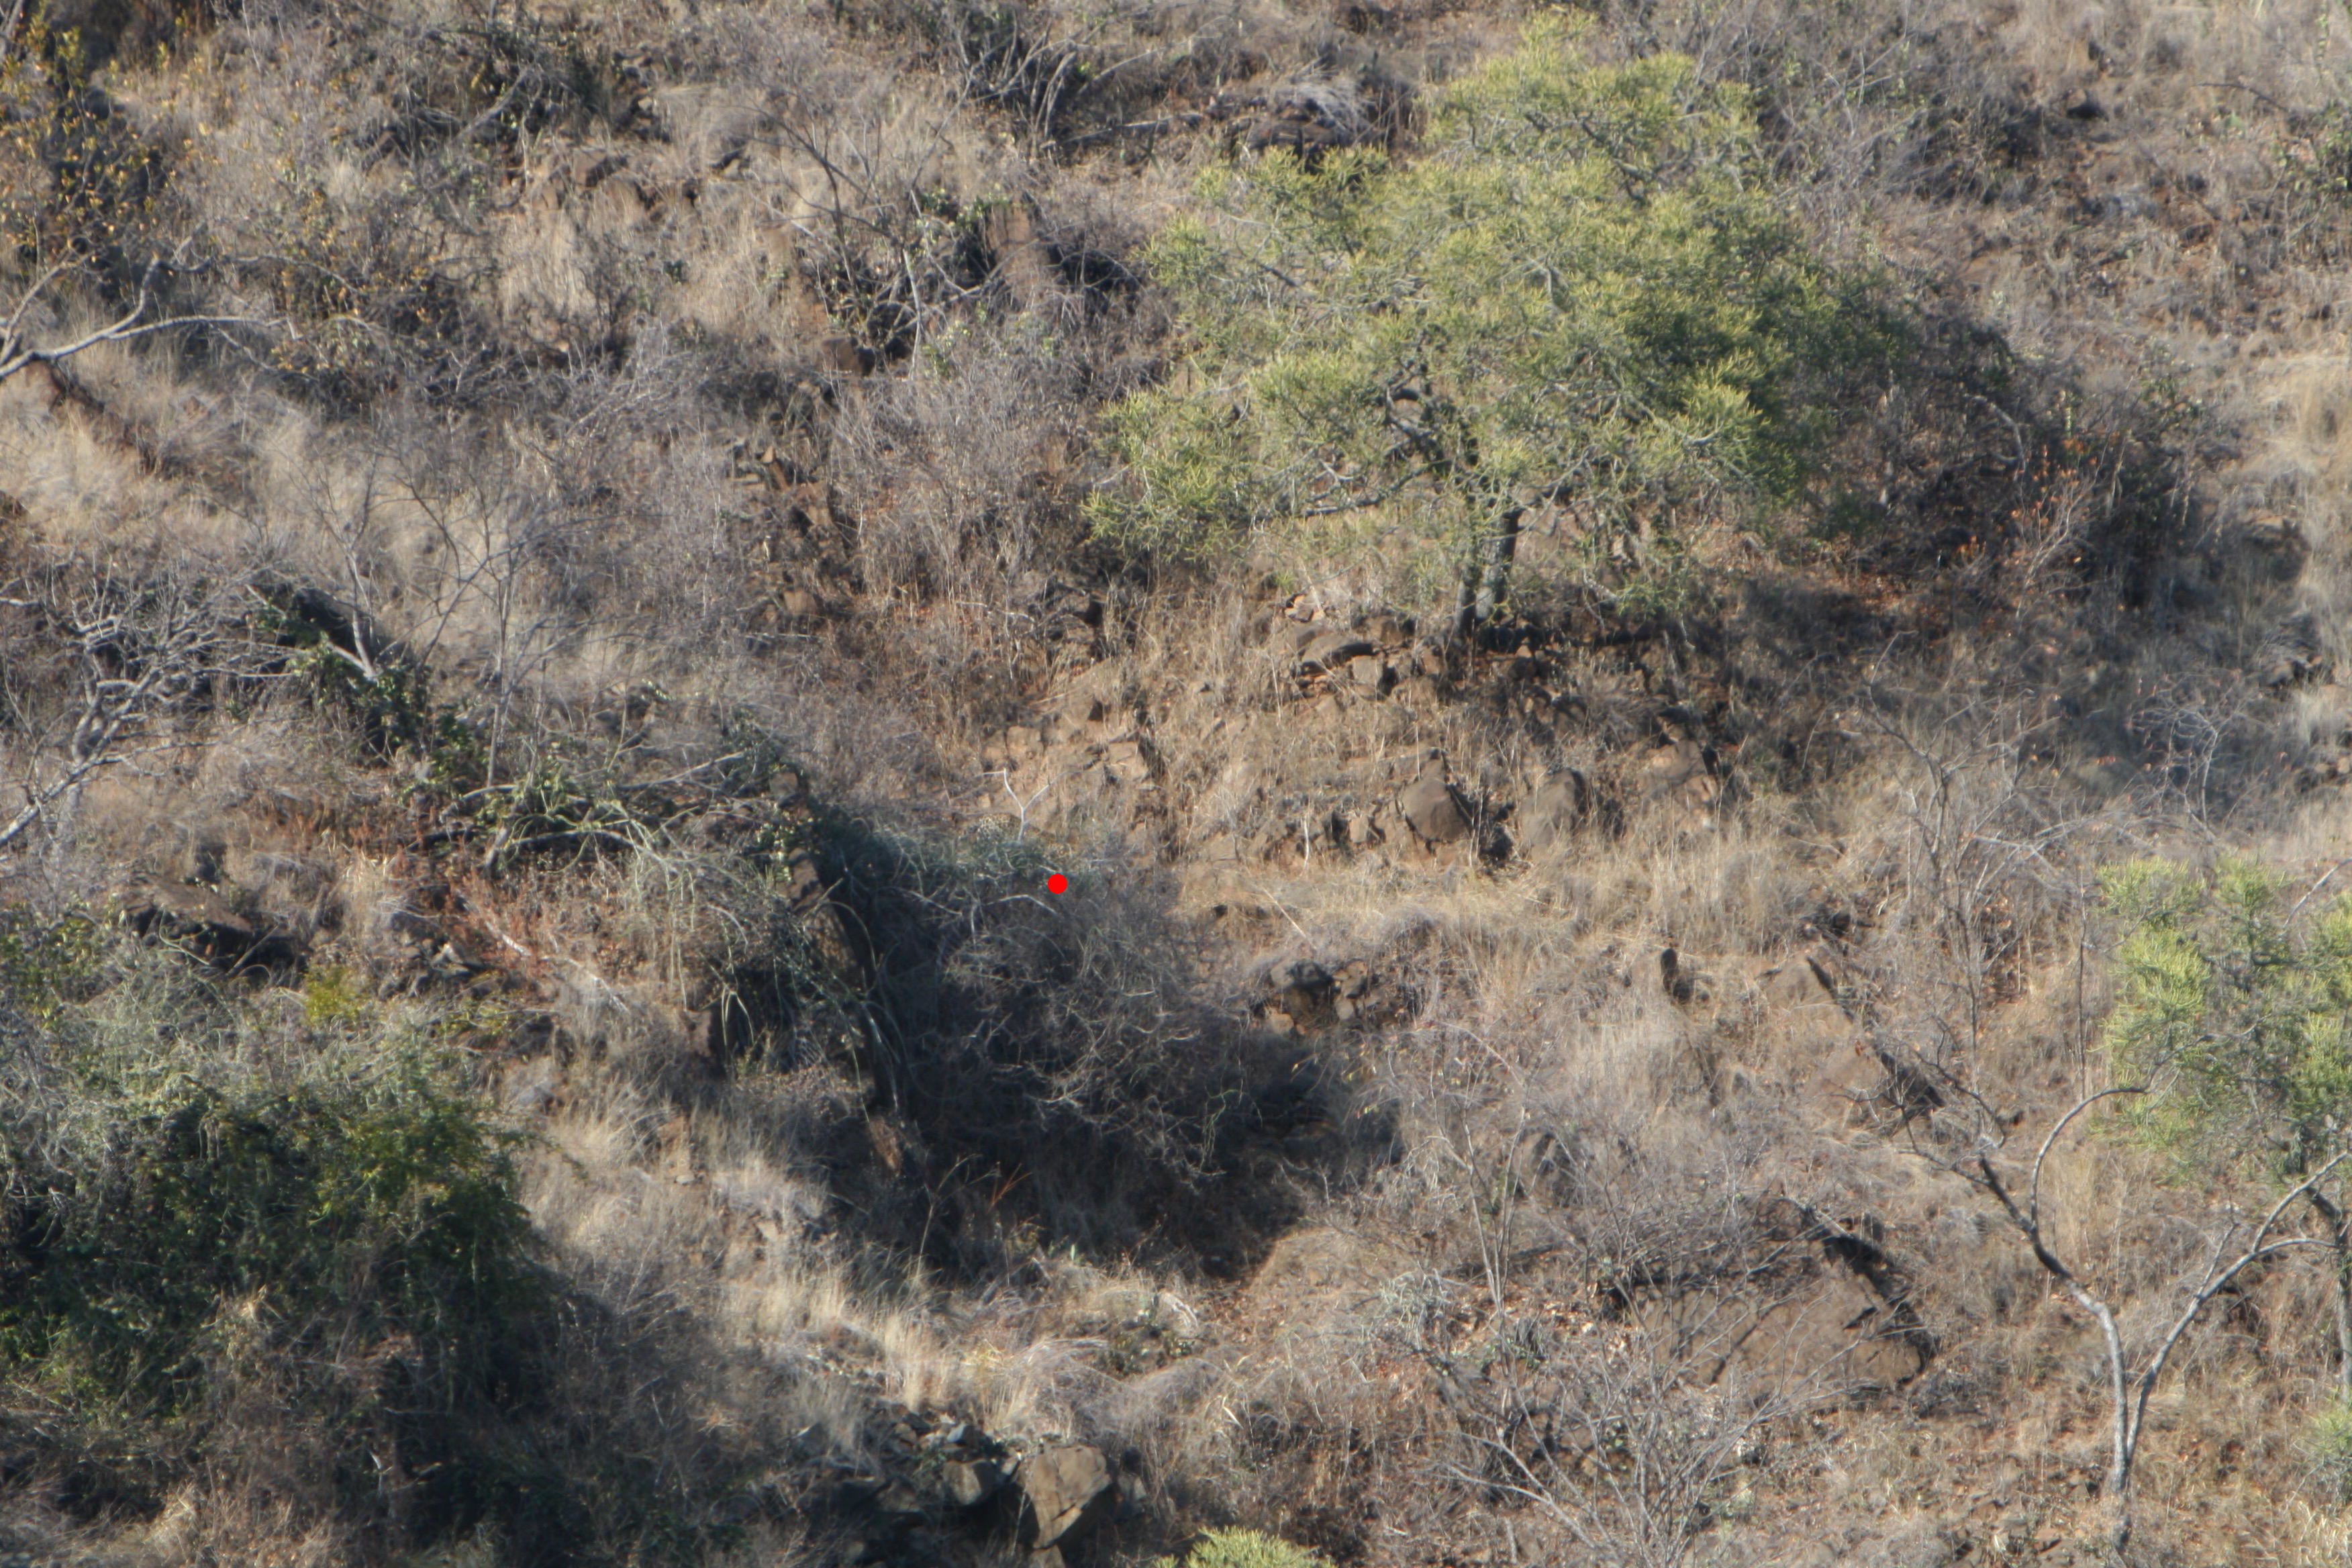 leopard in bush marked.jpg